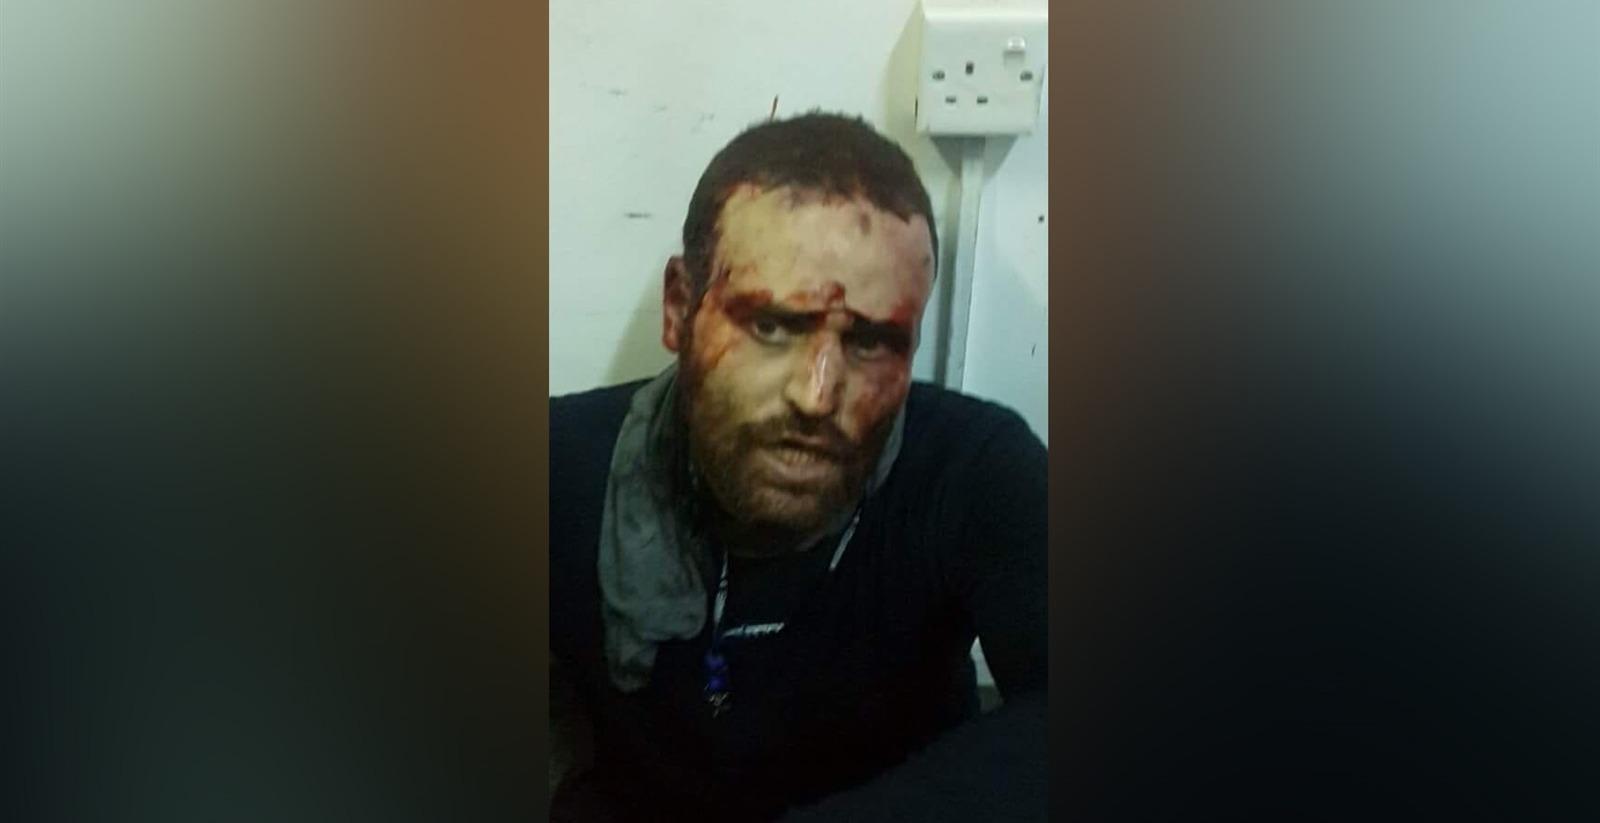 خاص.. هشام عشماوي خارج قائمة المتهمين في عملية كمين الواحات